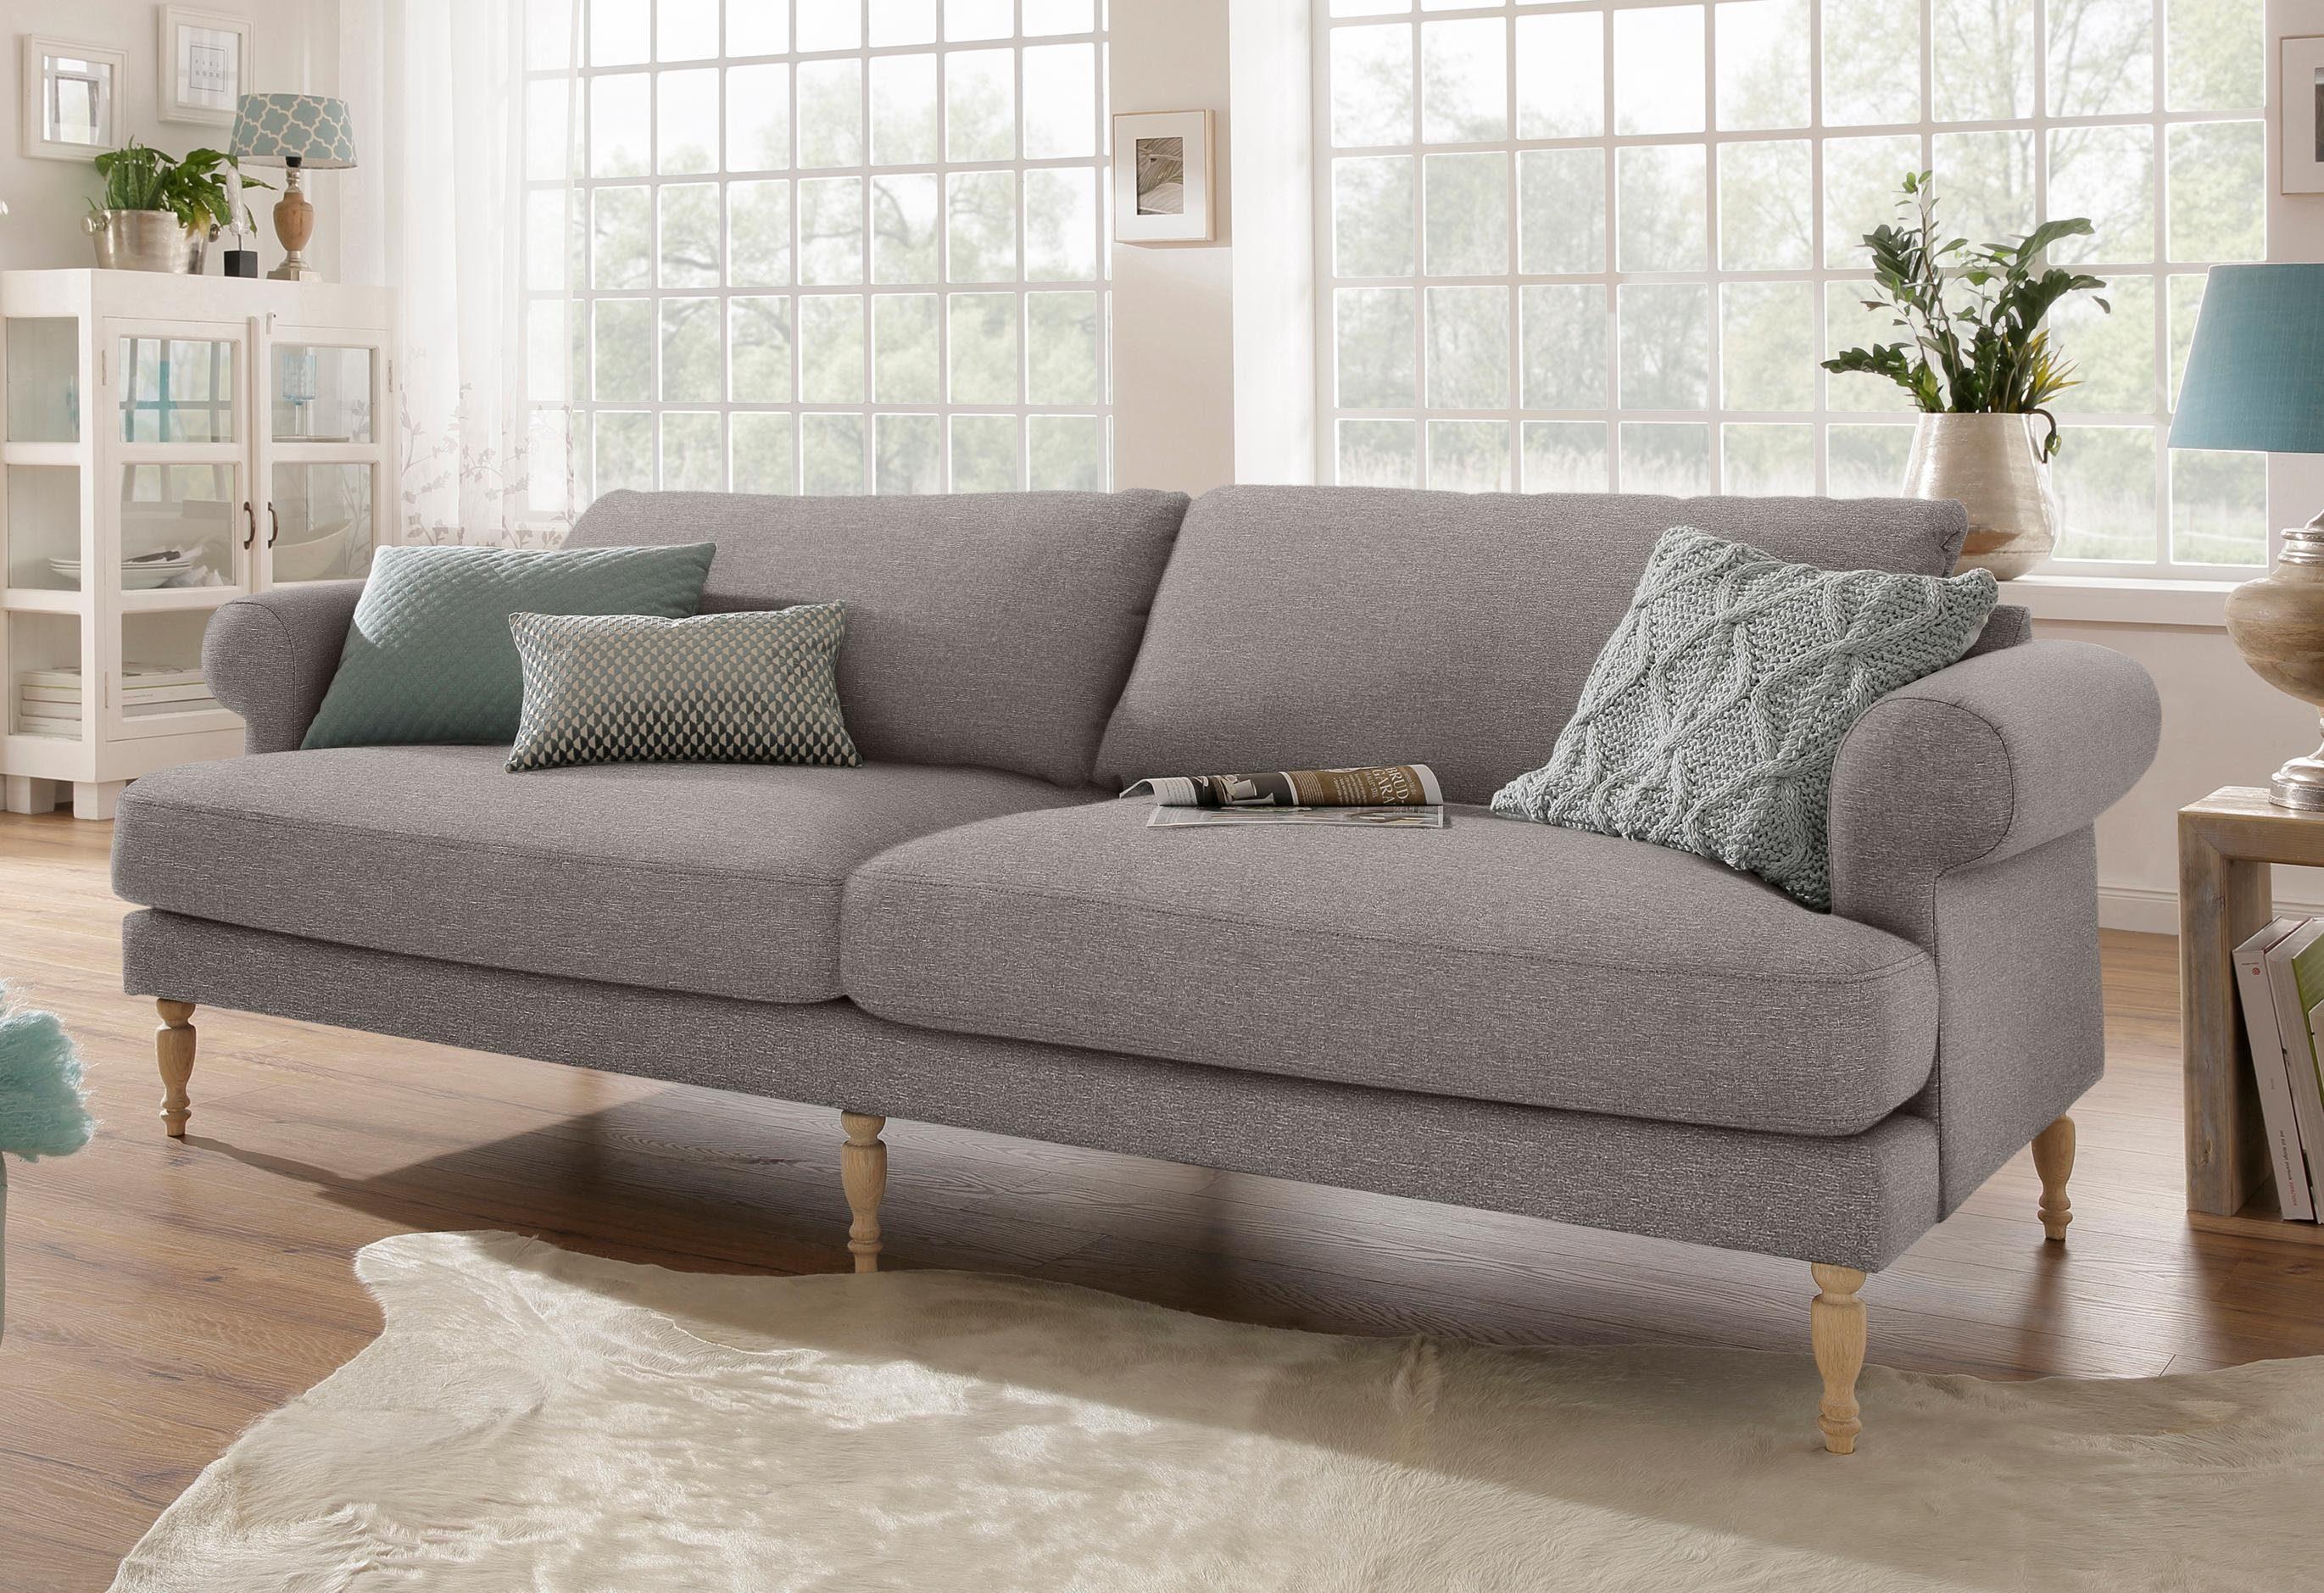 Couchgarnitur Landhaus Dekoration : Landhaus sofa online kaufen couch im landhausstil otto